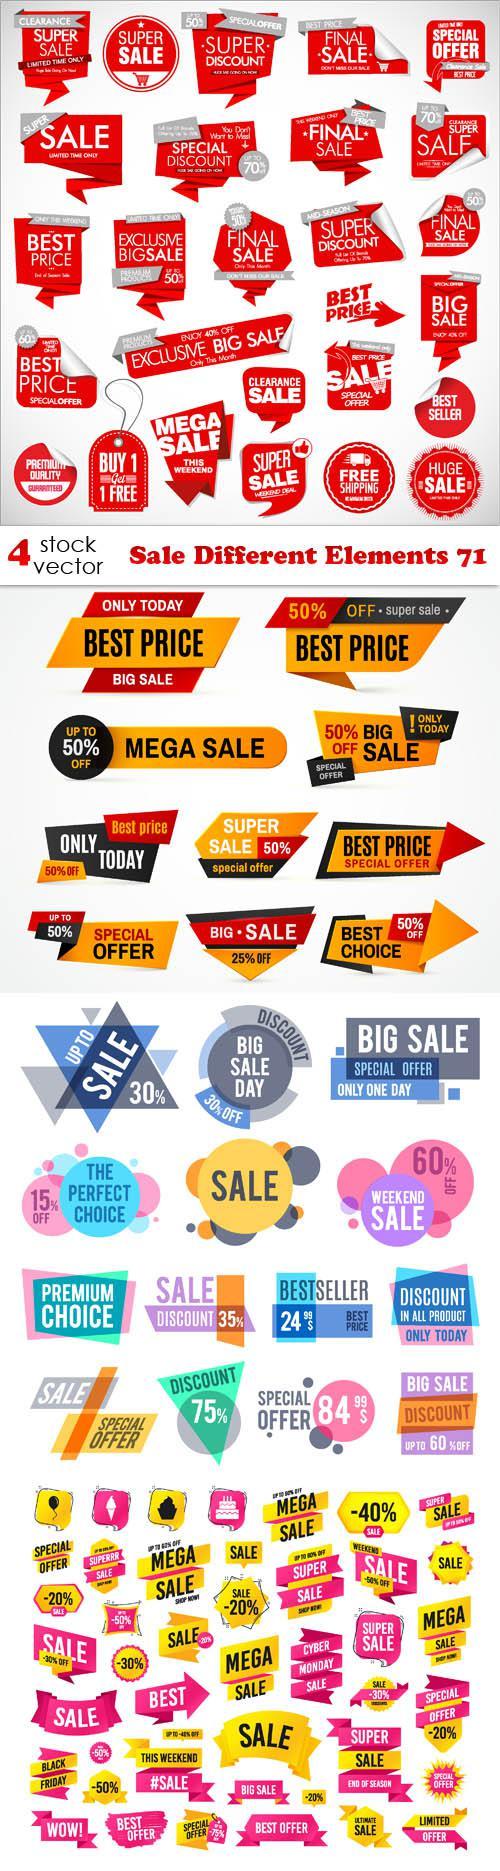 Sale Different Elements 71